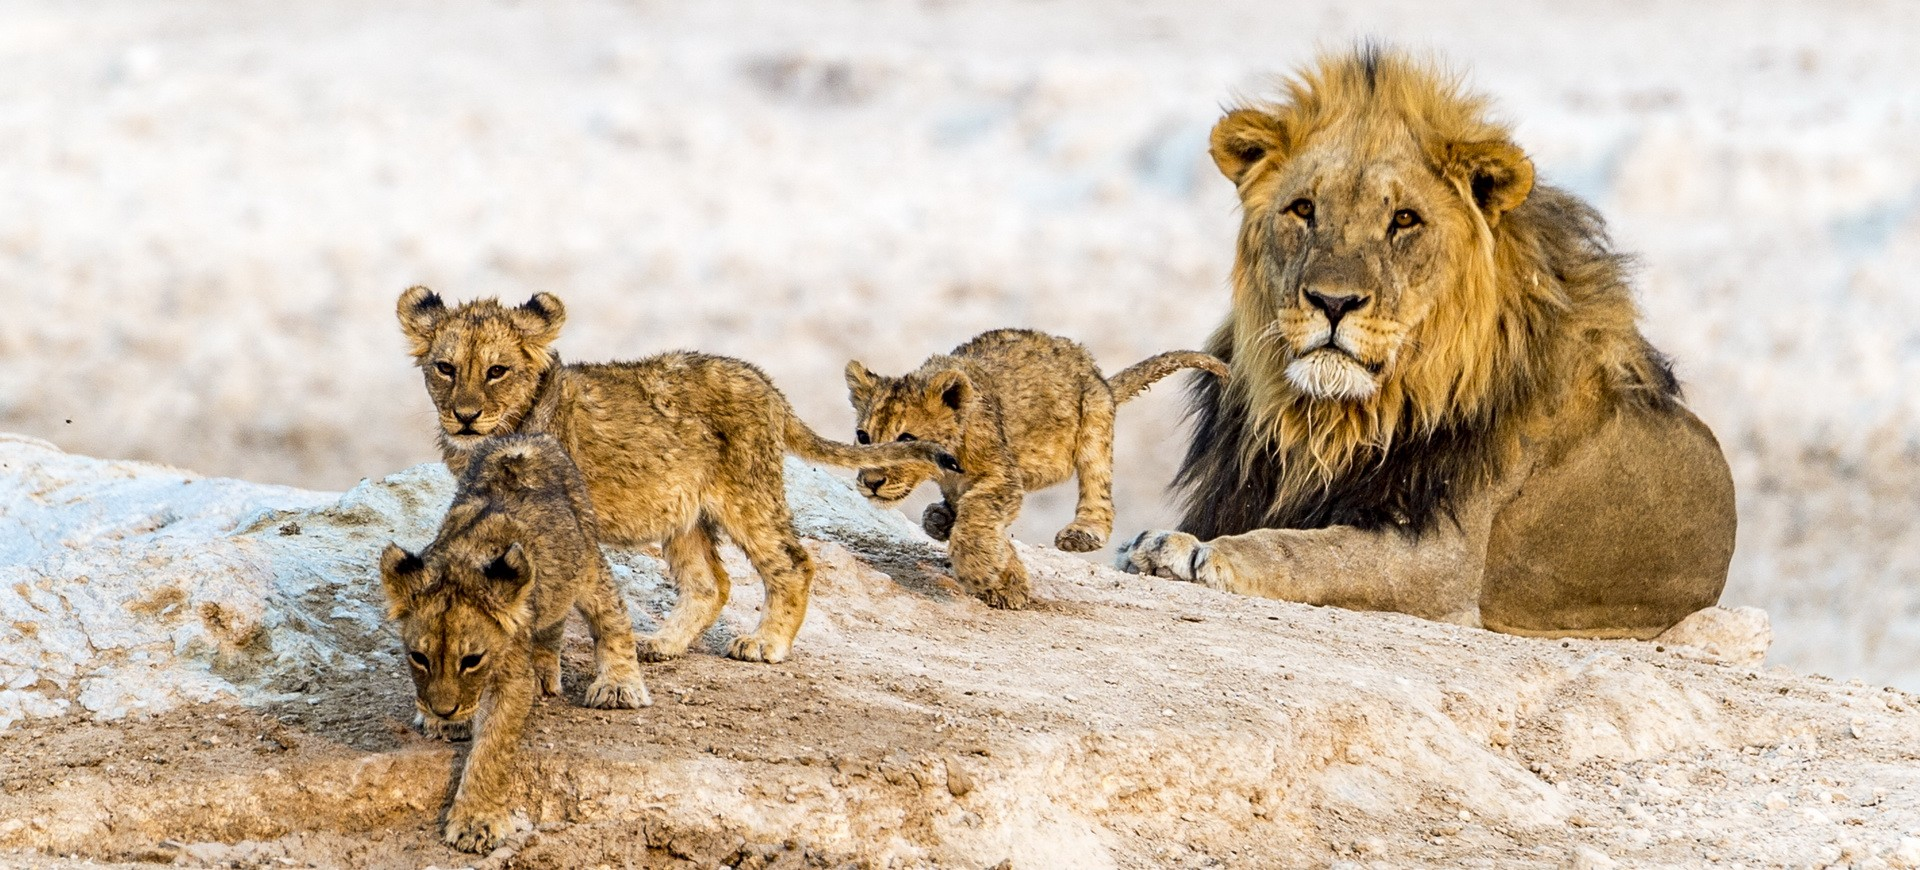 Famille de Lions dans la réserve d'animaux à Etosha